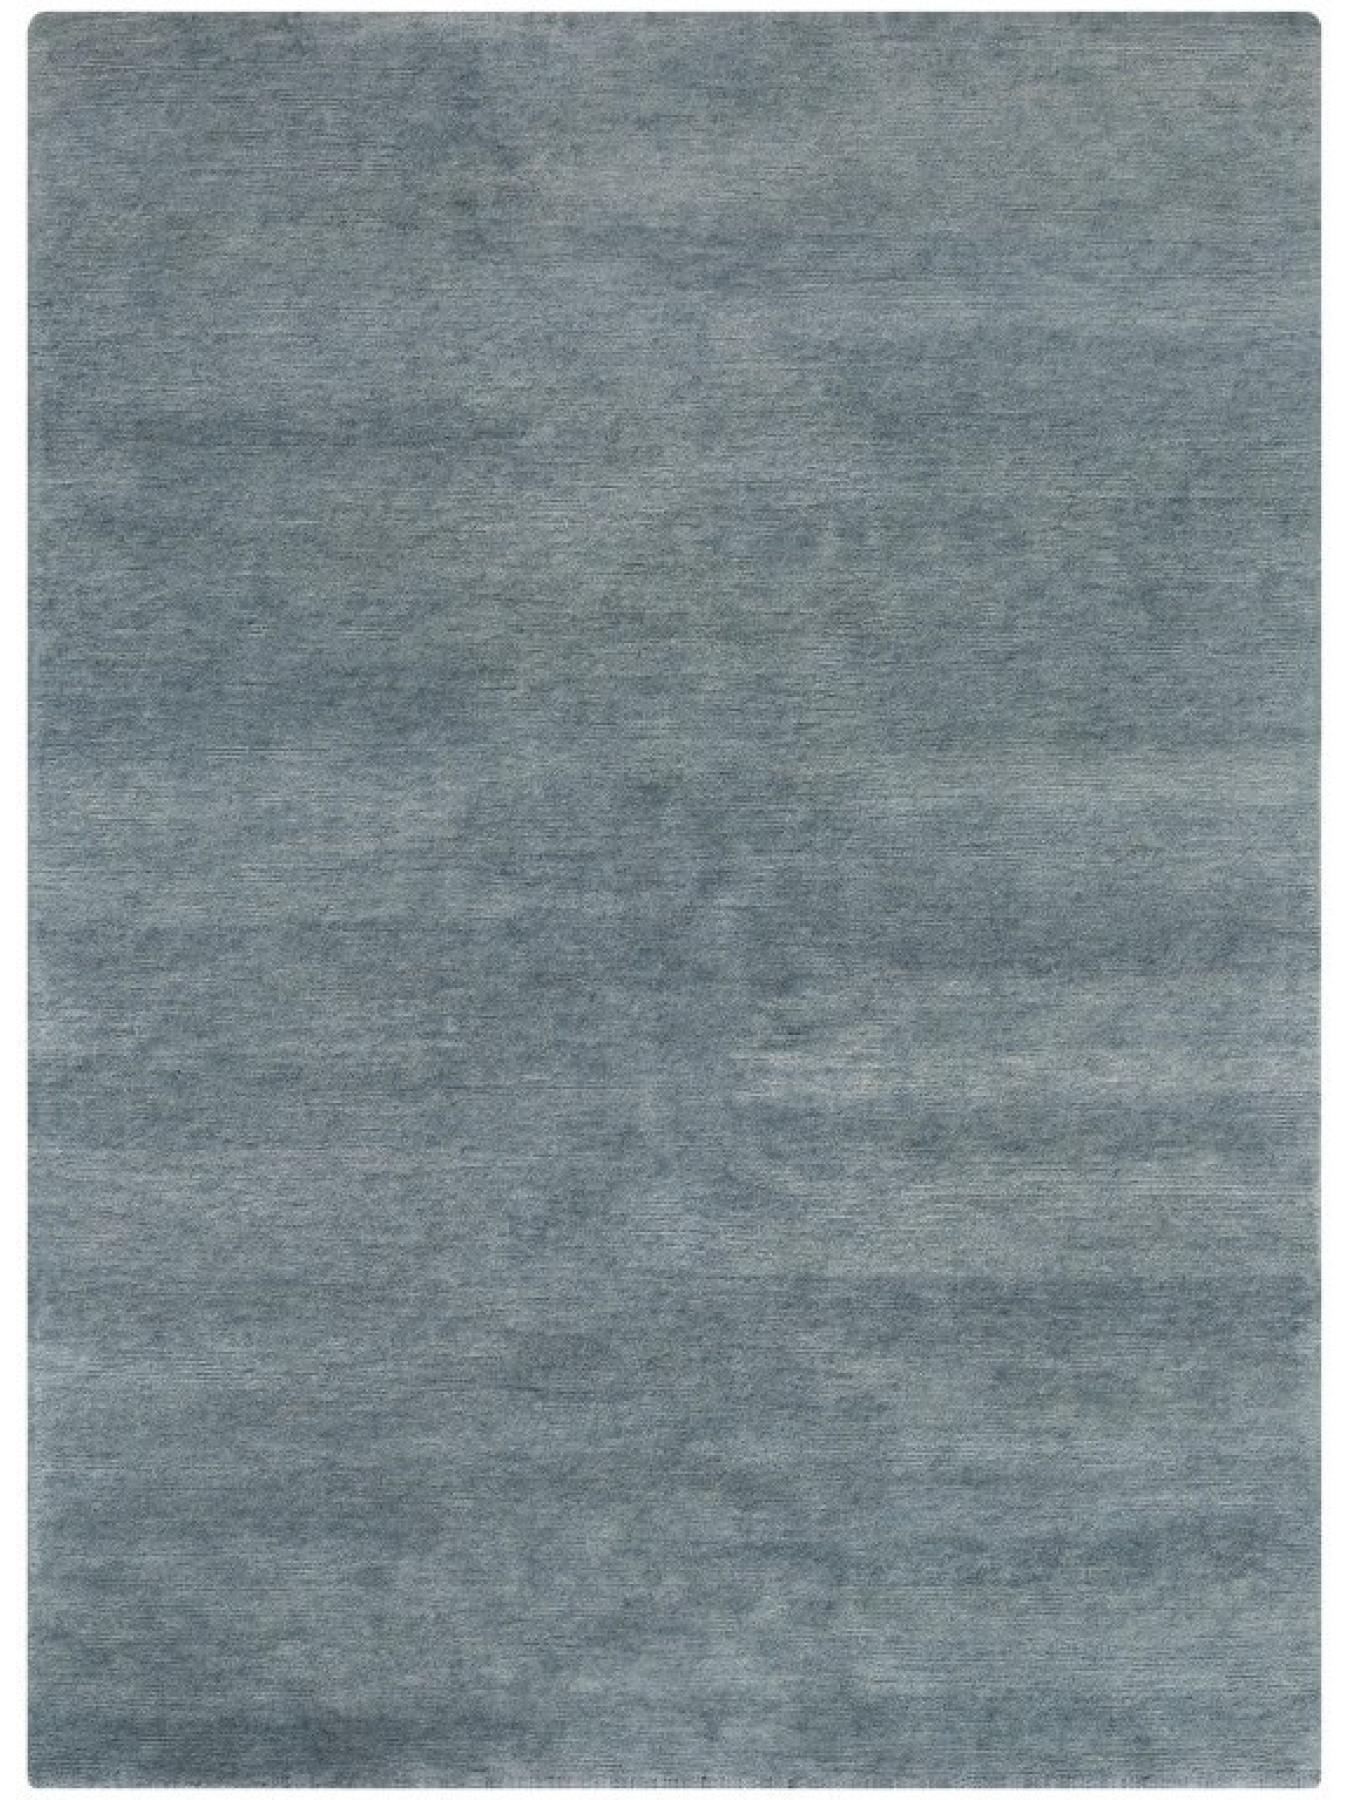 Eenkleurige tapijten - Look.418-001 blauw denim